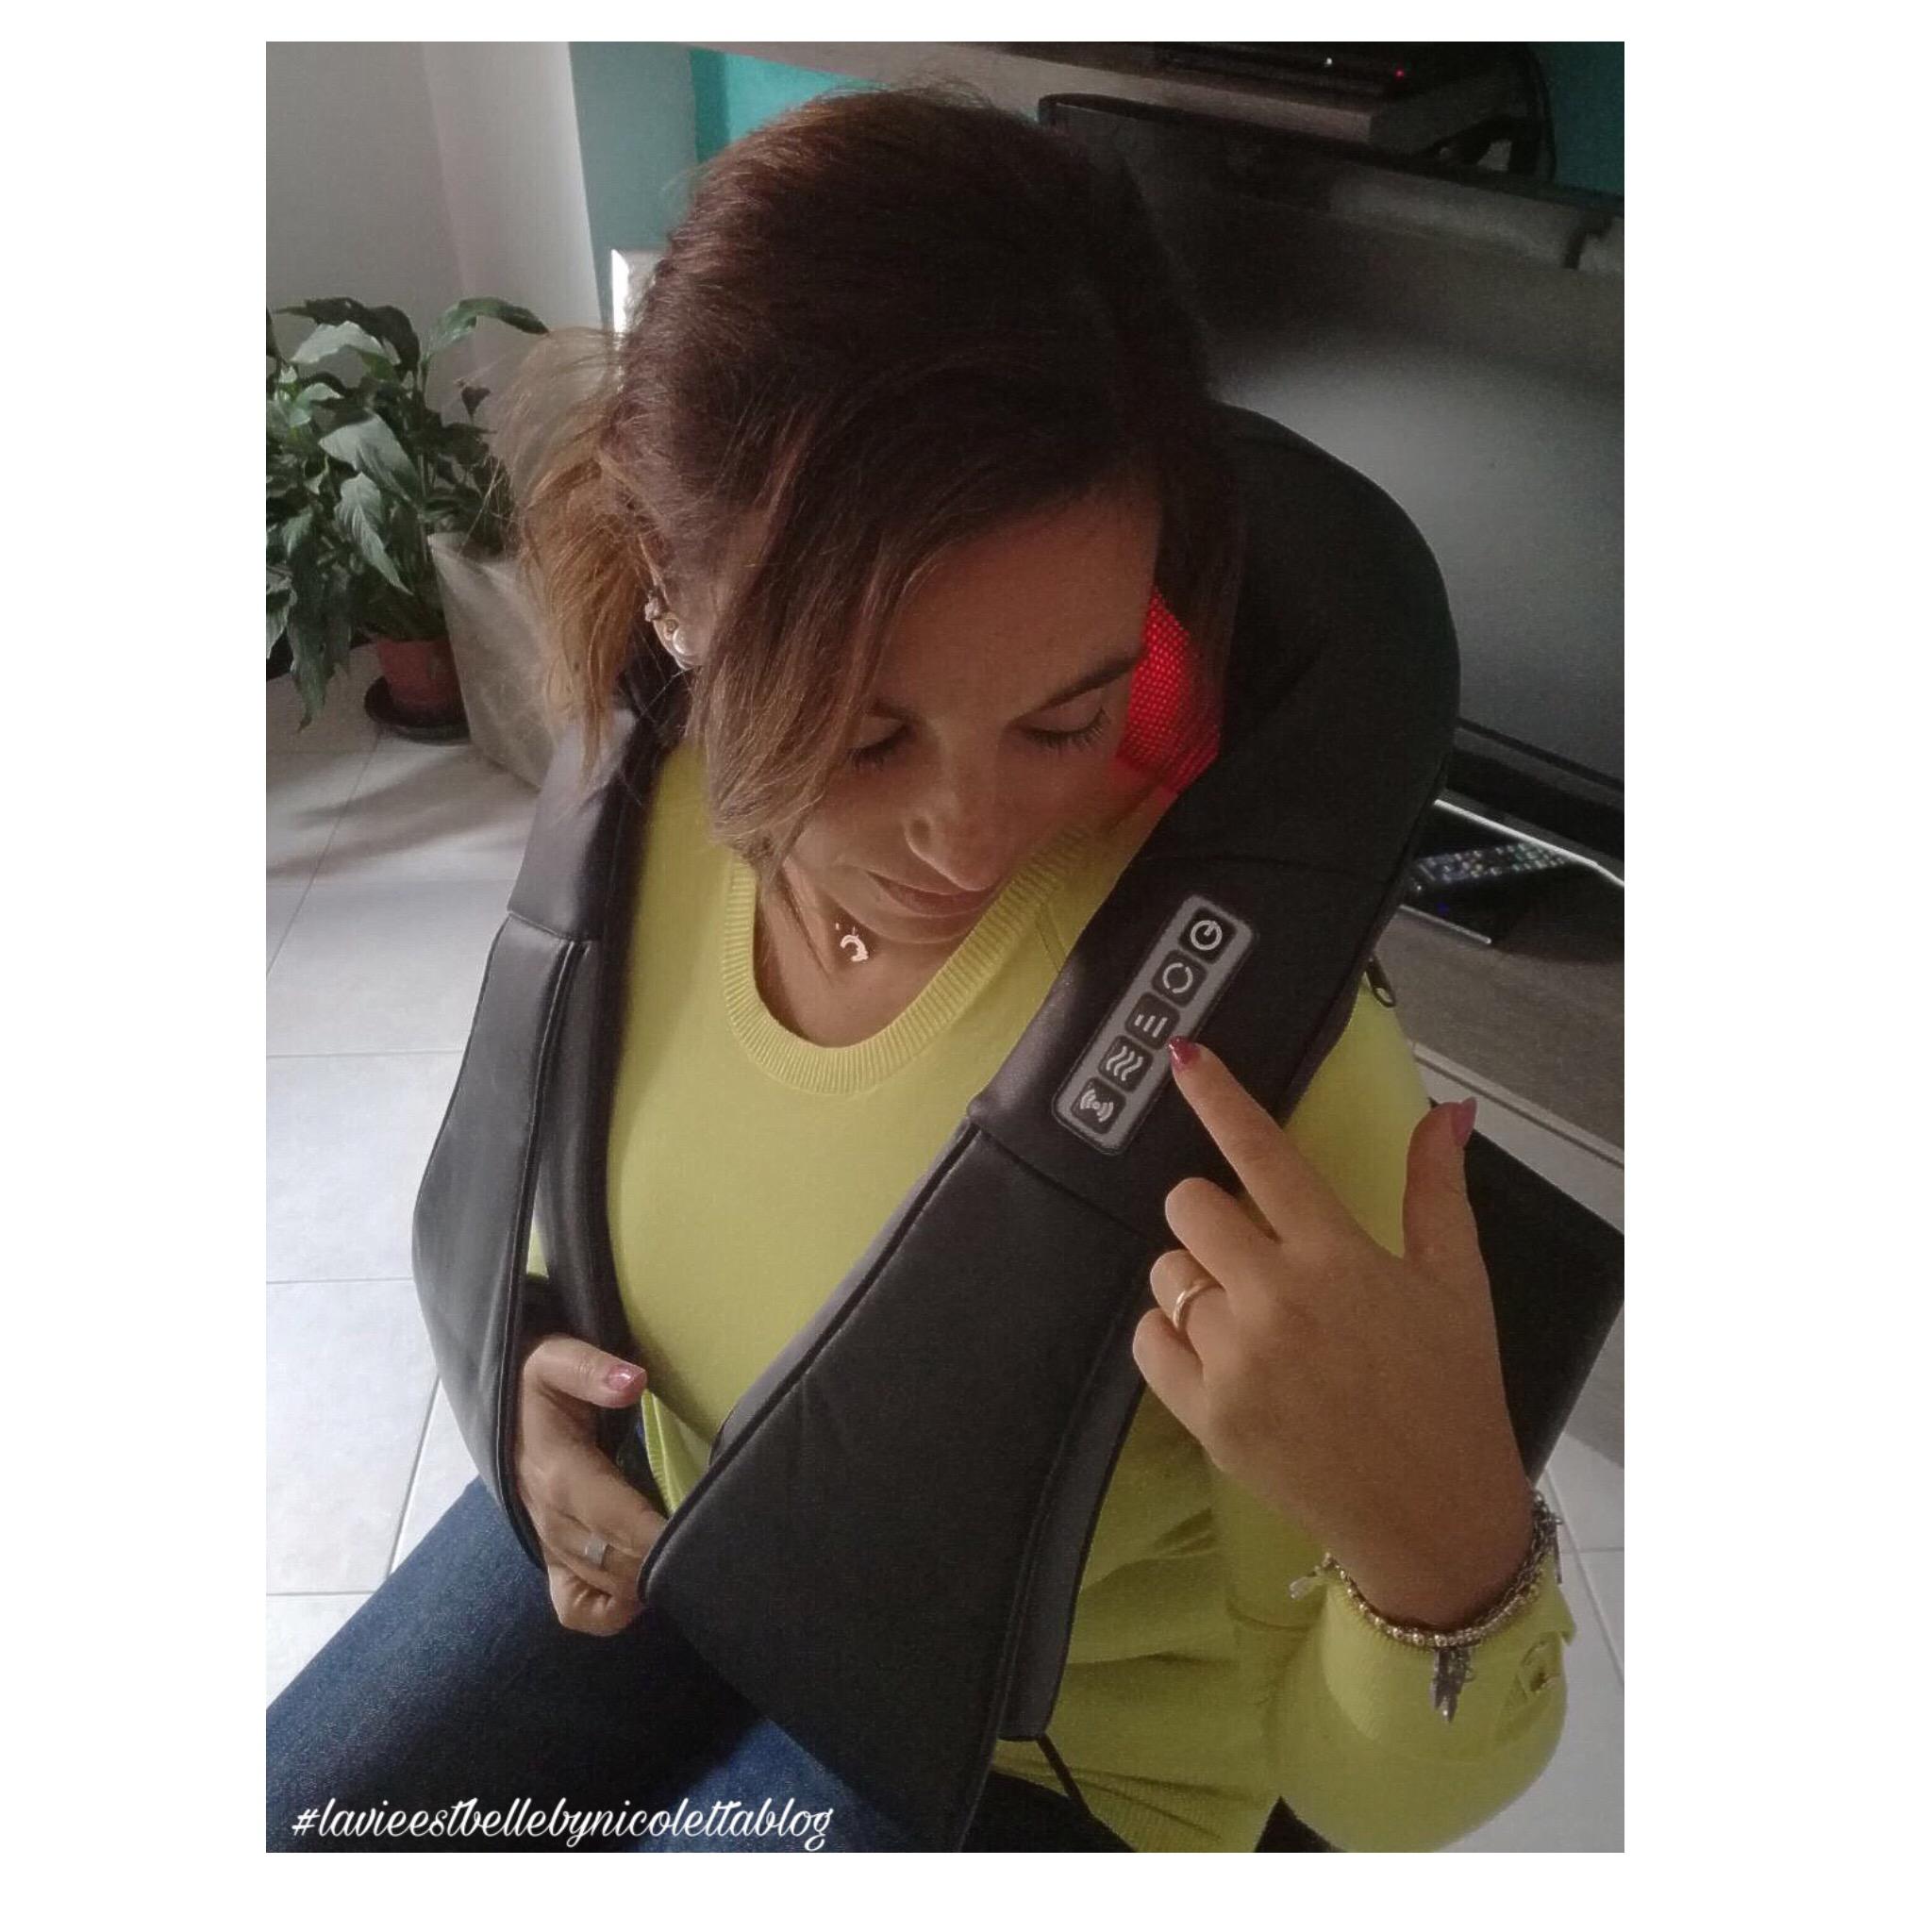 Cervicale e dolori fisici  Alleviali massaggiatore shiatsu Donnerberg!  9fd5342c90c6